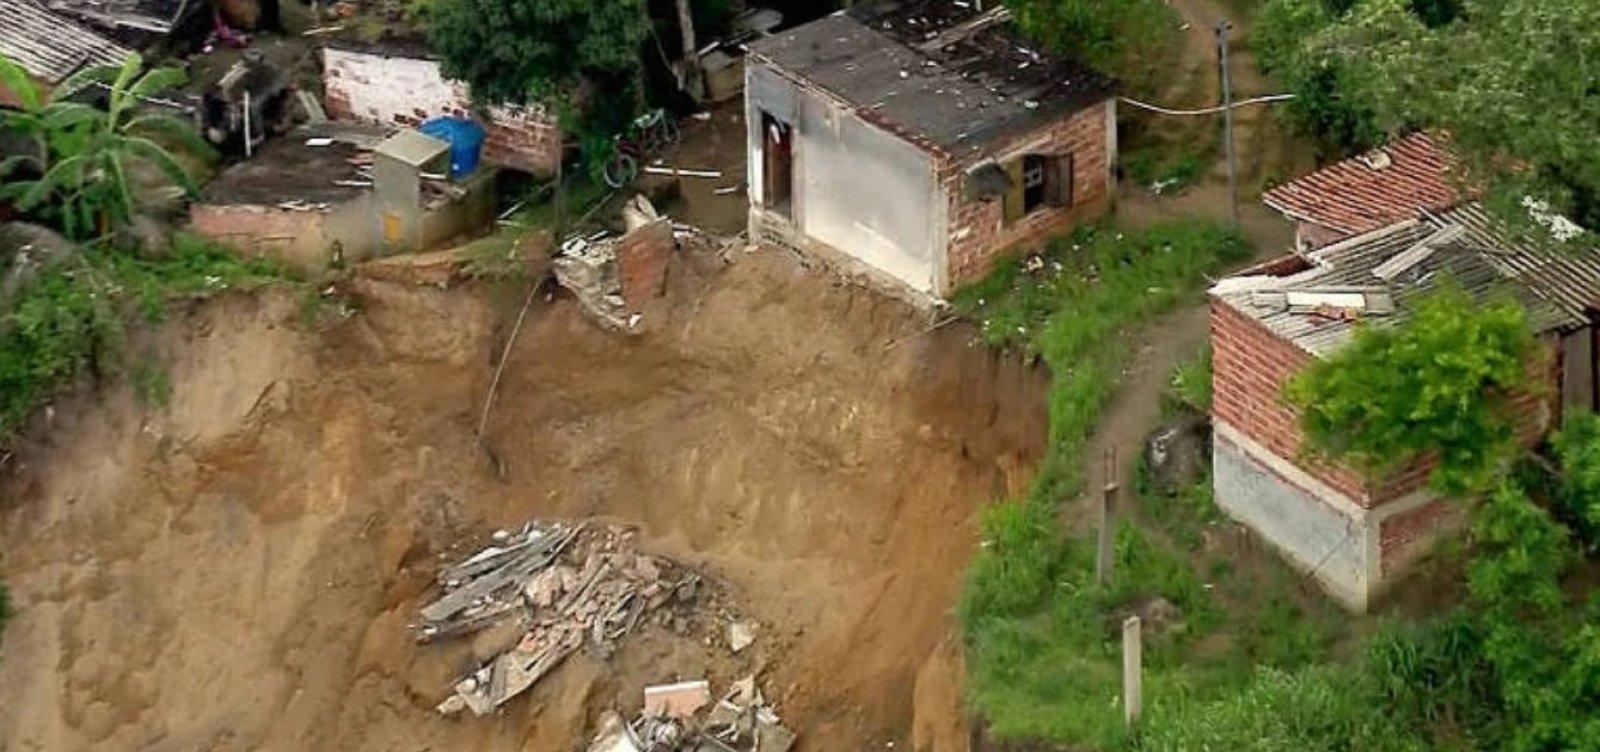 Deslizamento de terra mata três pessoas em Niterói, no RJ